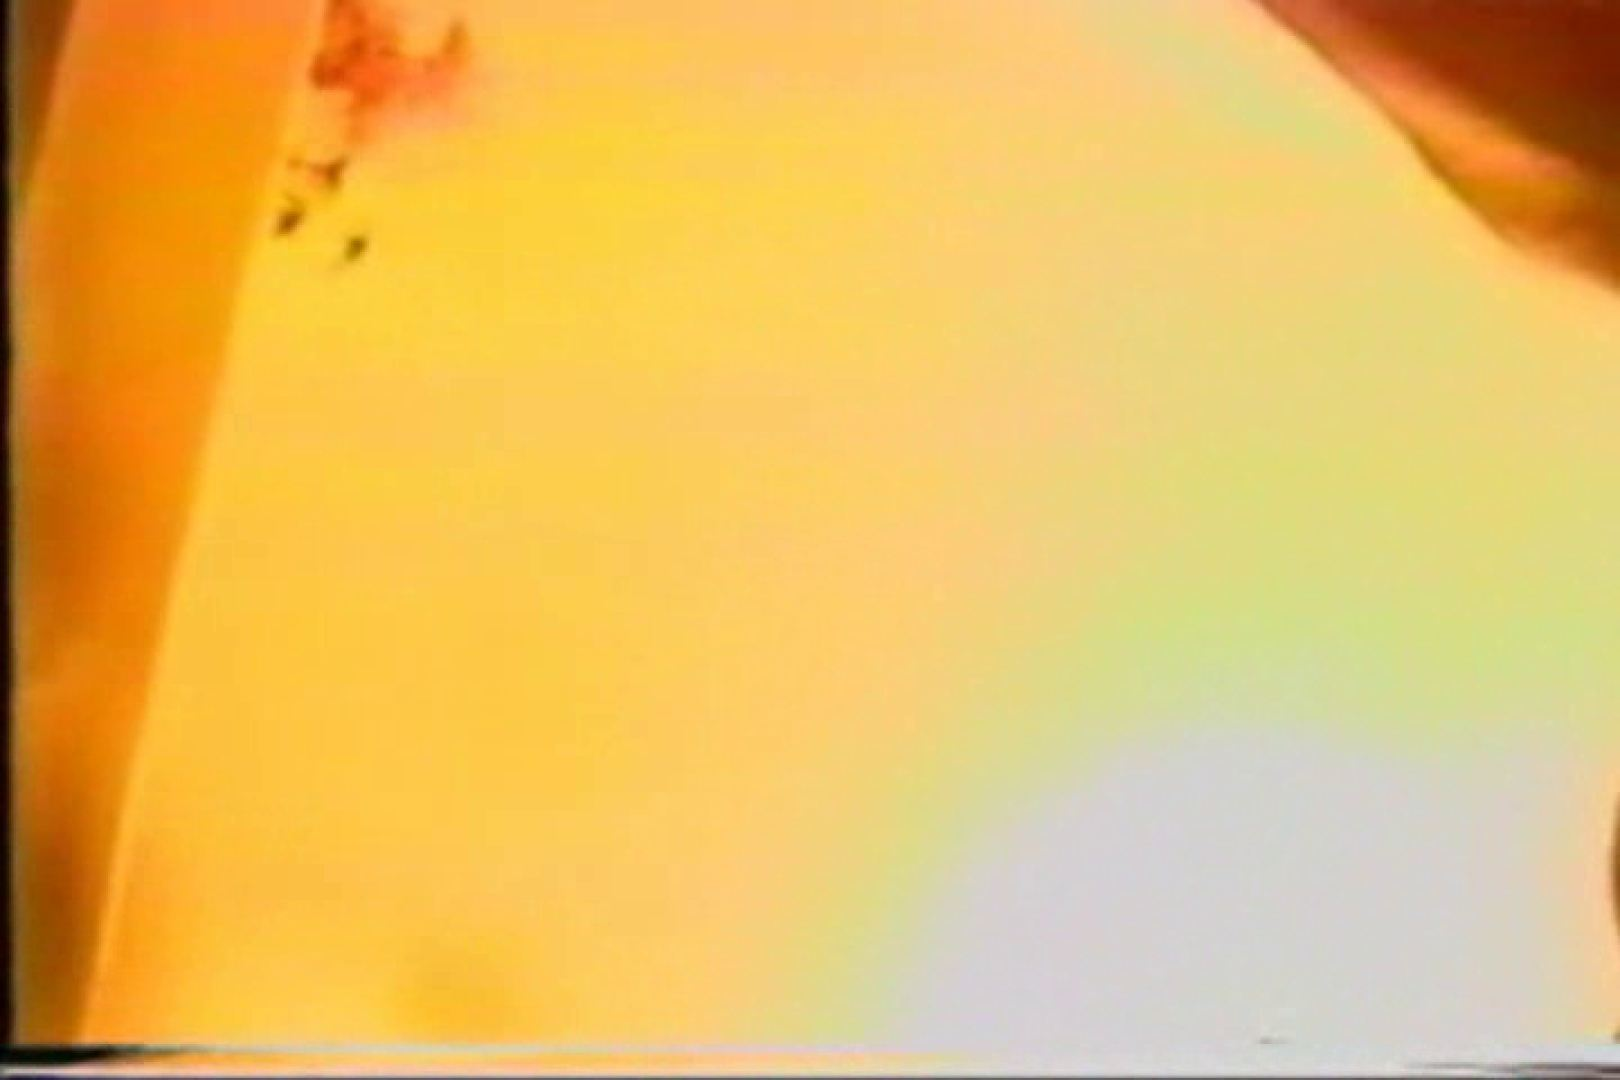 洋式洗面所オリジナルVol.2 女性の肛門  64画像 60